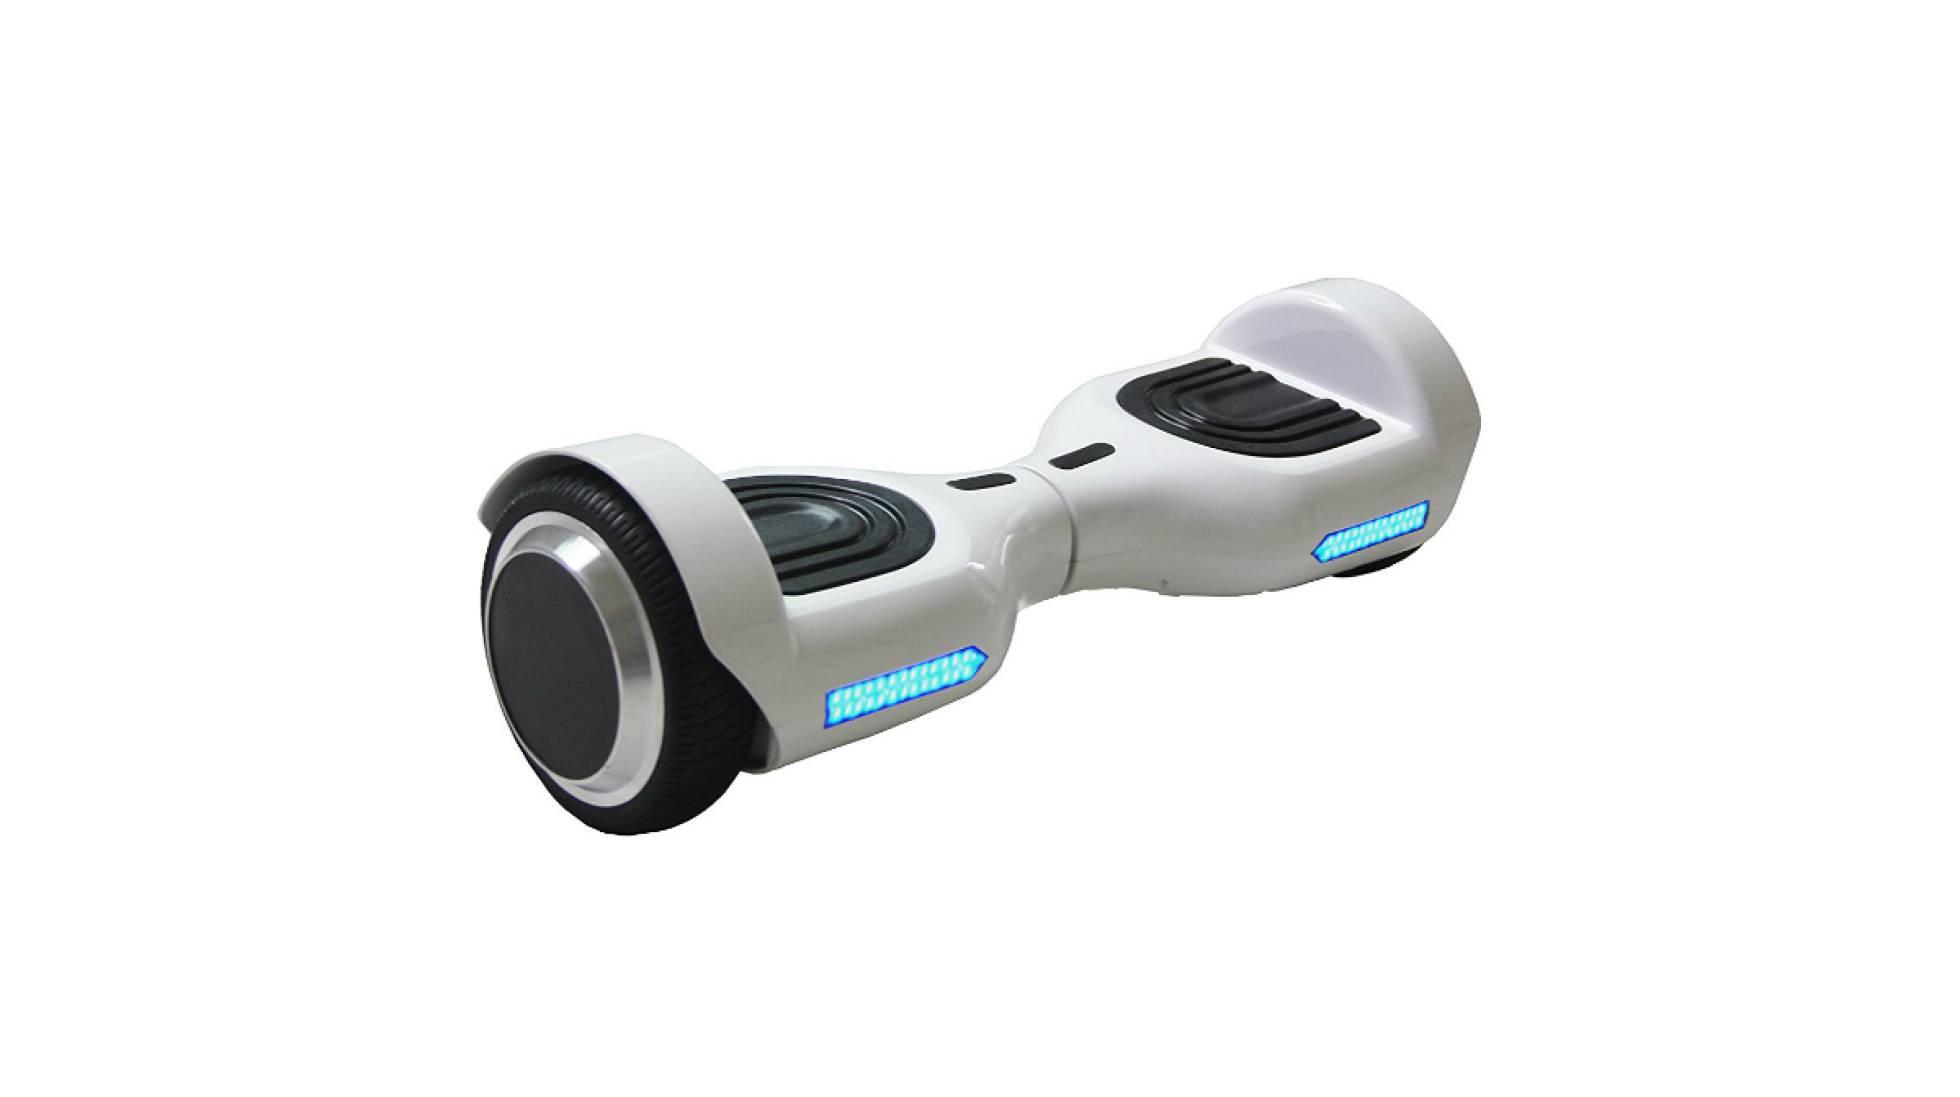 Revtro 24 patinete eléctrico de Revoe_jean henriquez_blog_youtube_patin